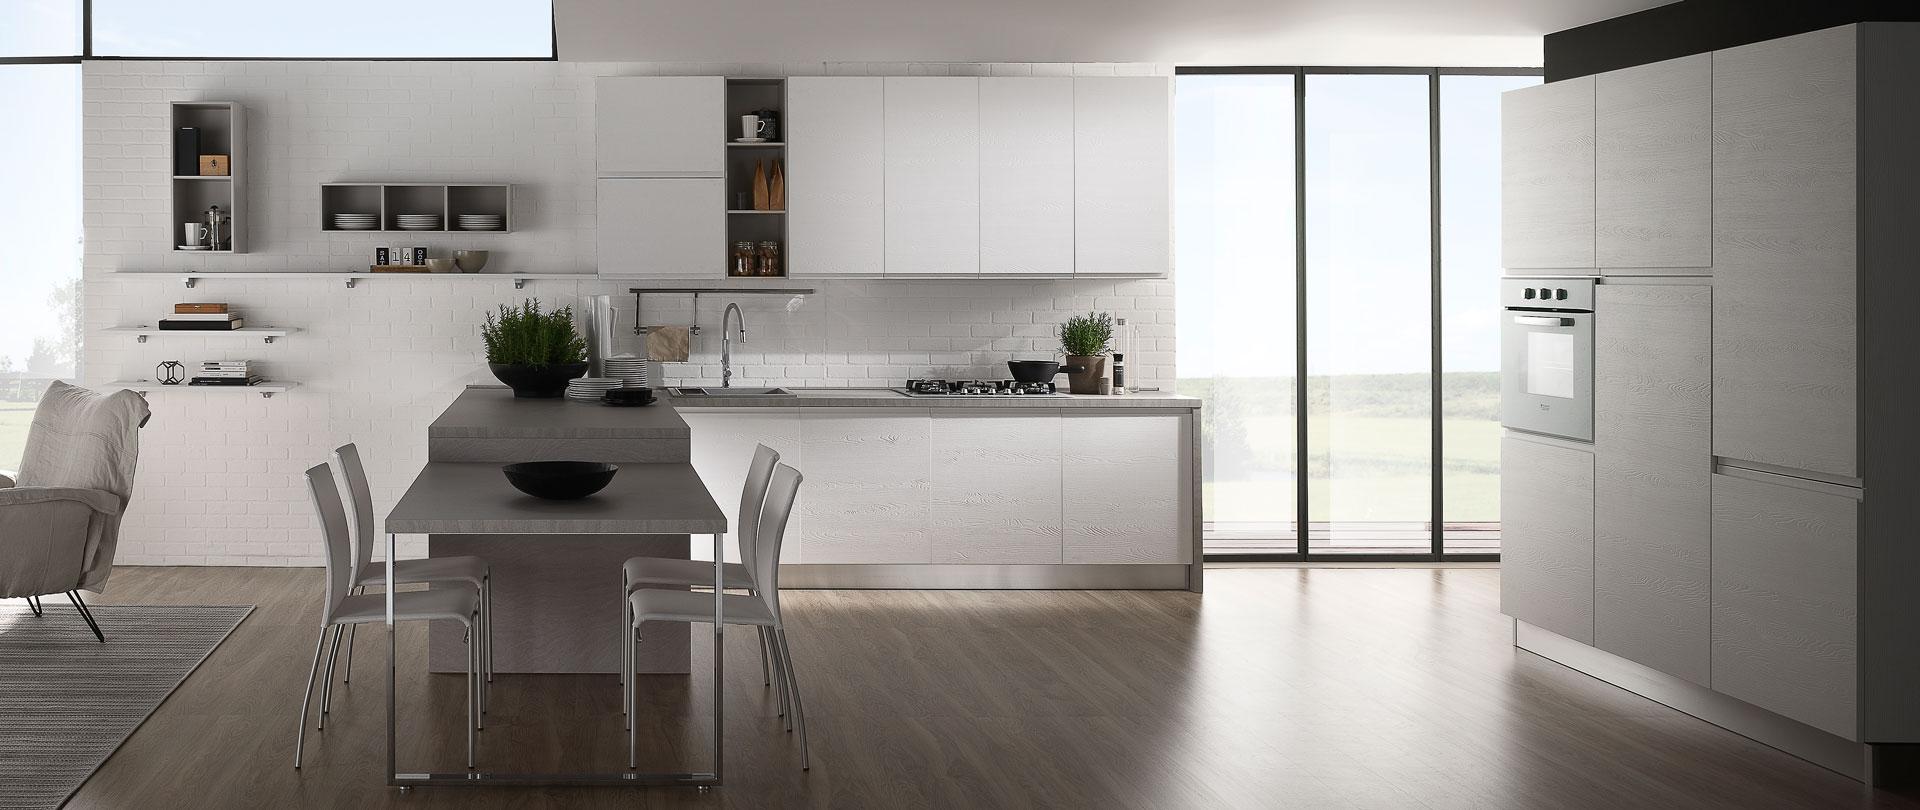 Il mobilone centro cucine corigliano calabro - Cucina gaia mobilturi ...